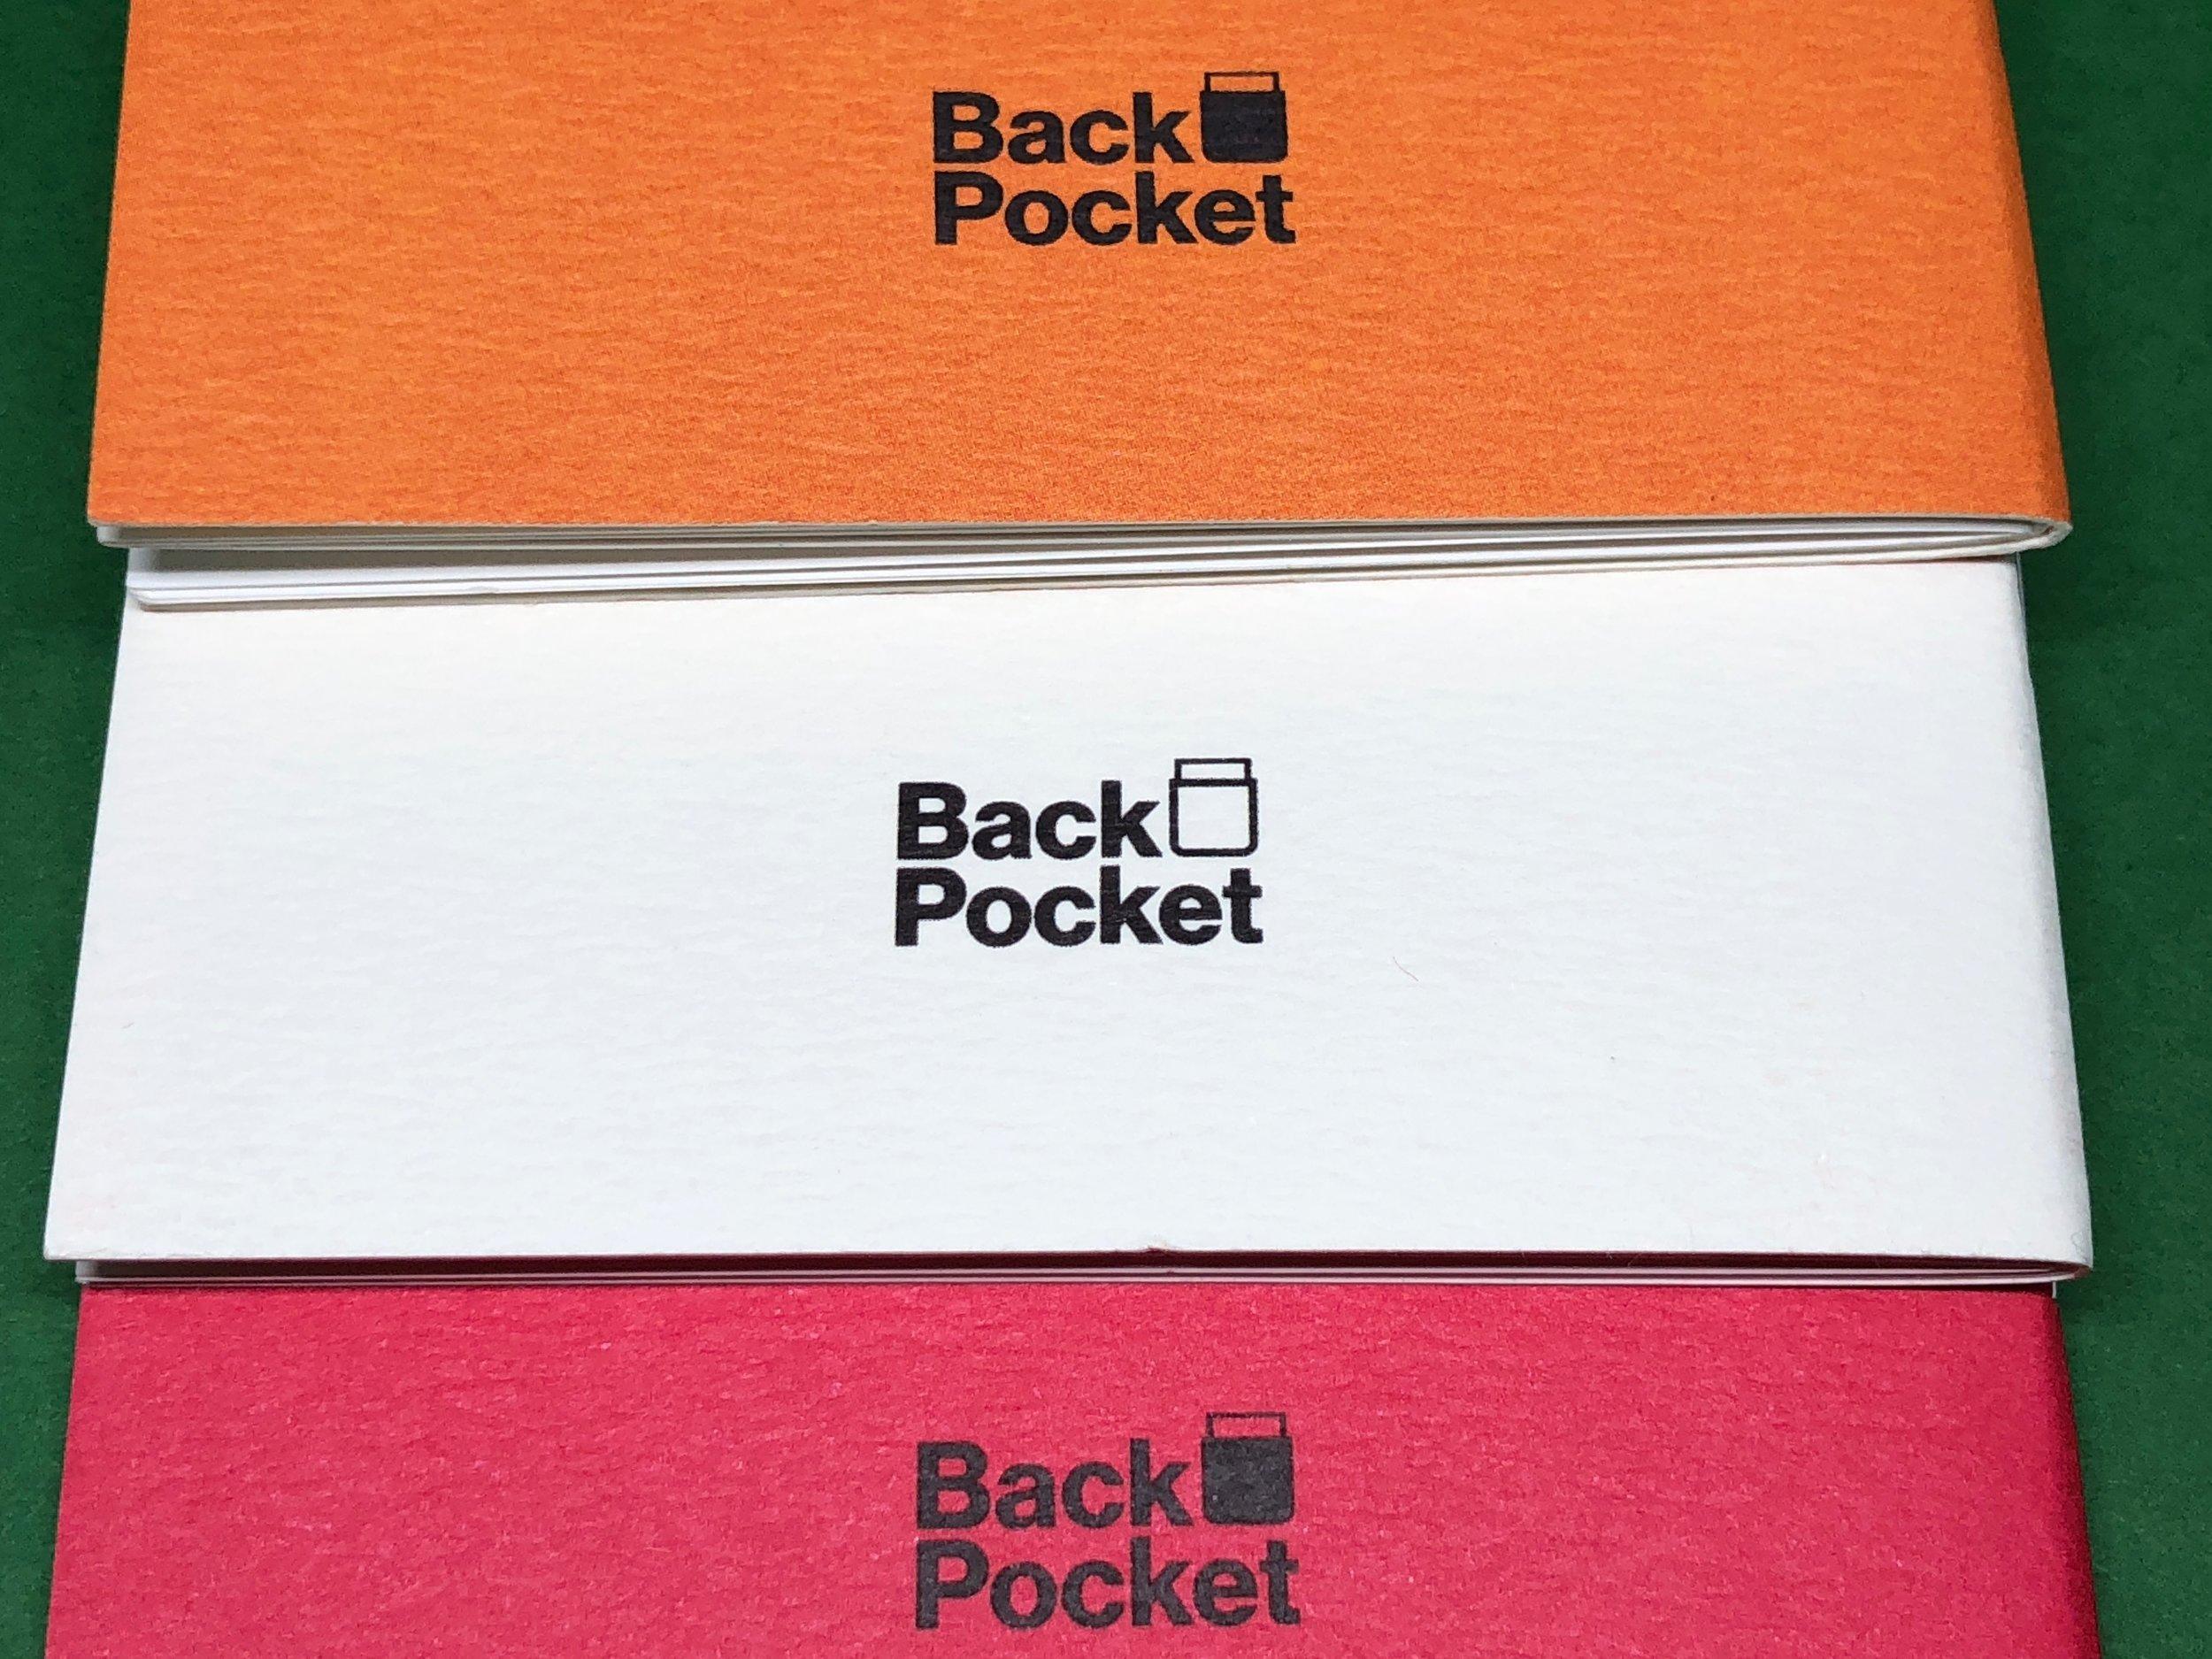 back-pocket-notebooks-19.jpg